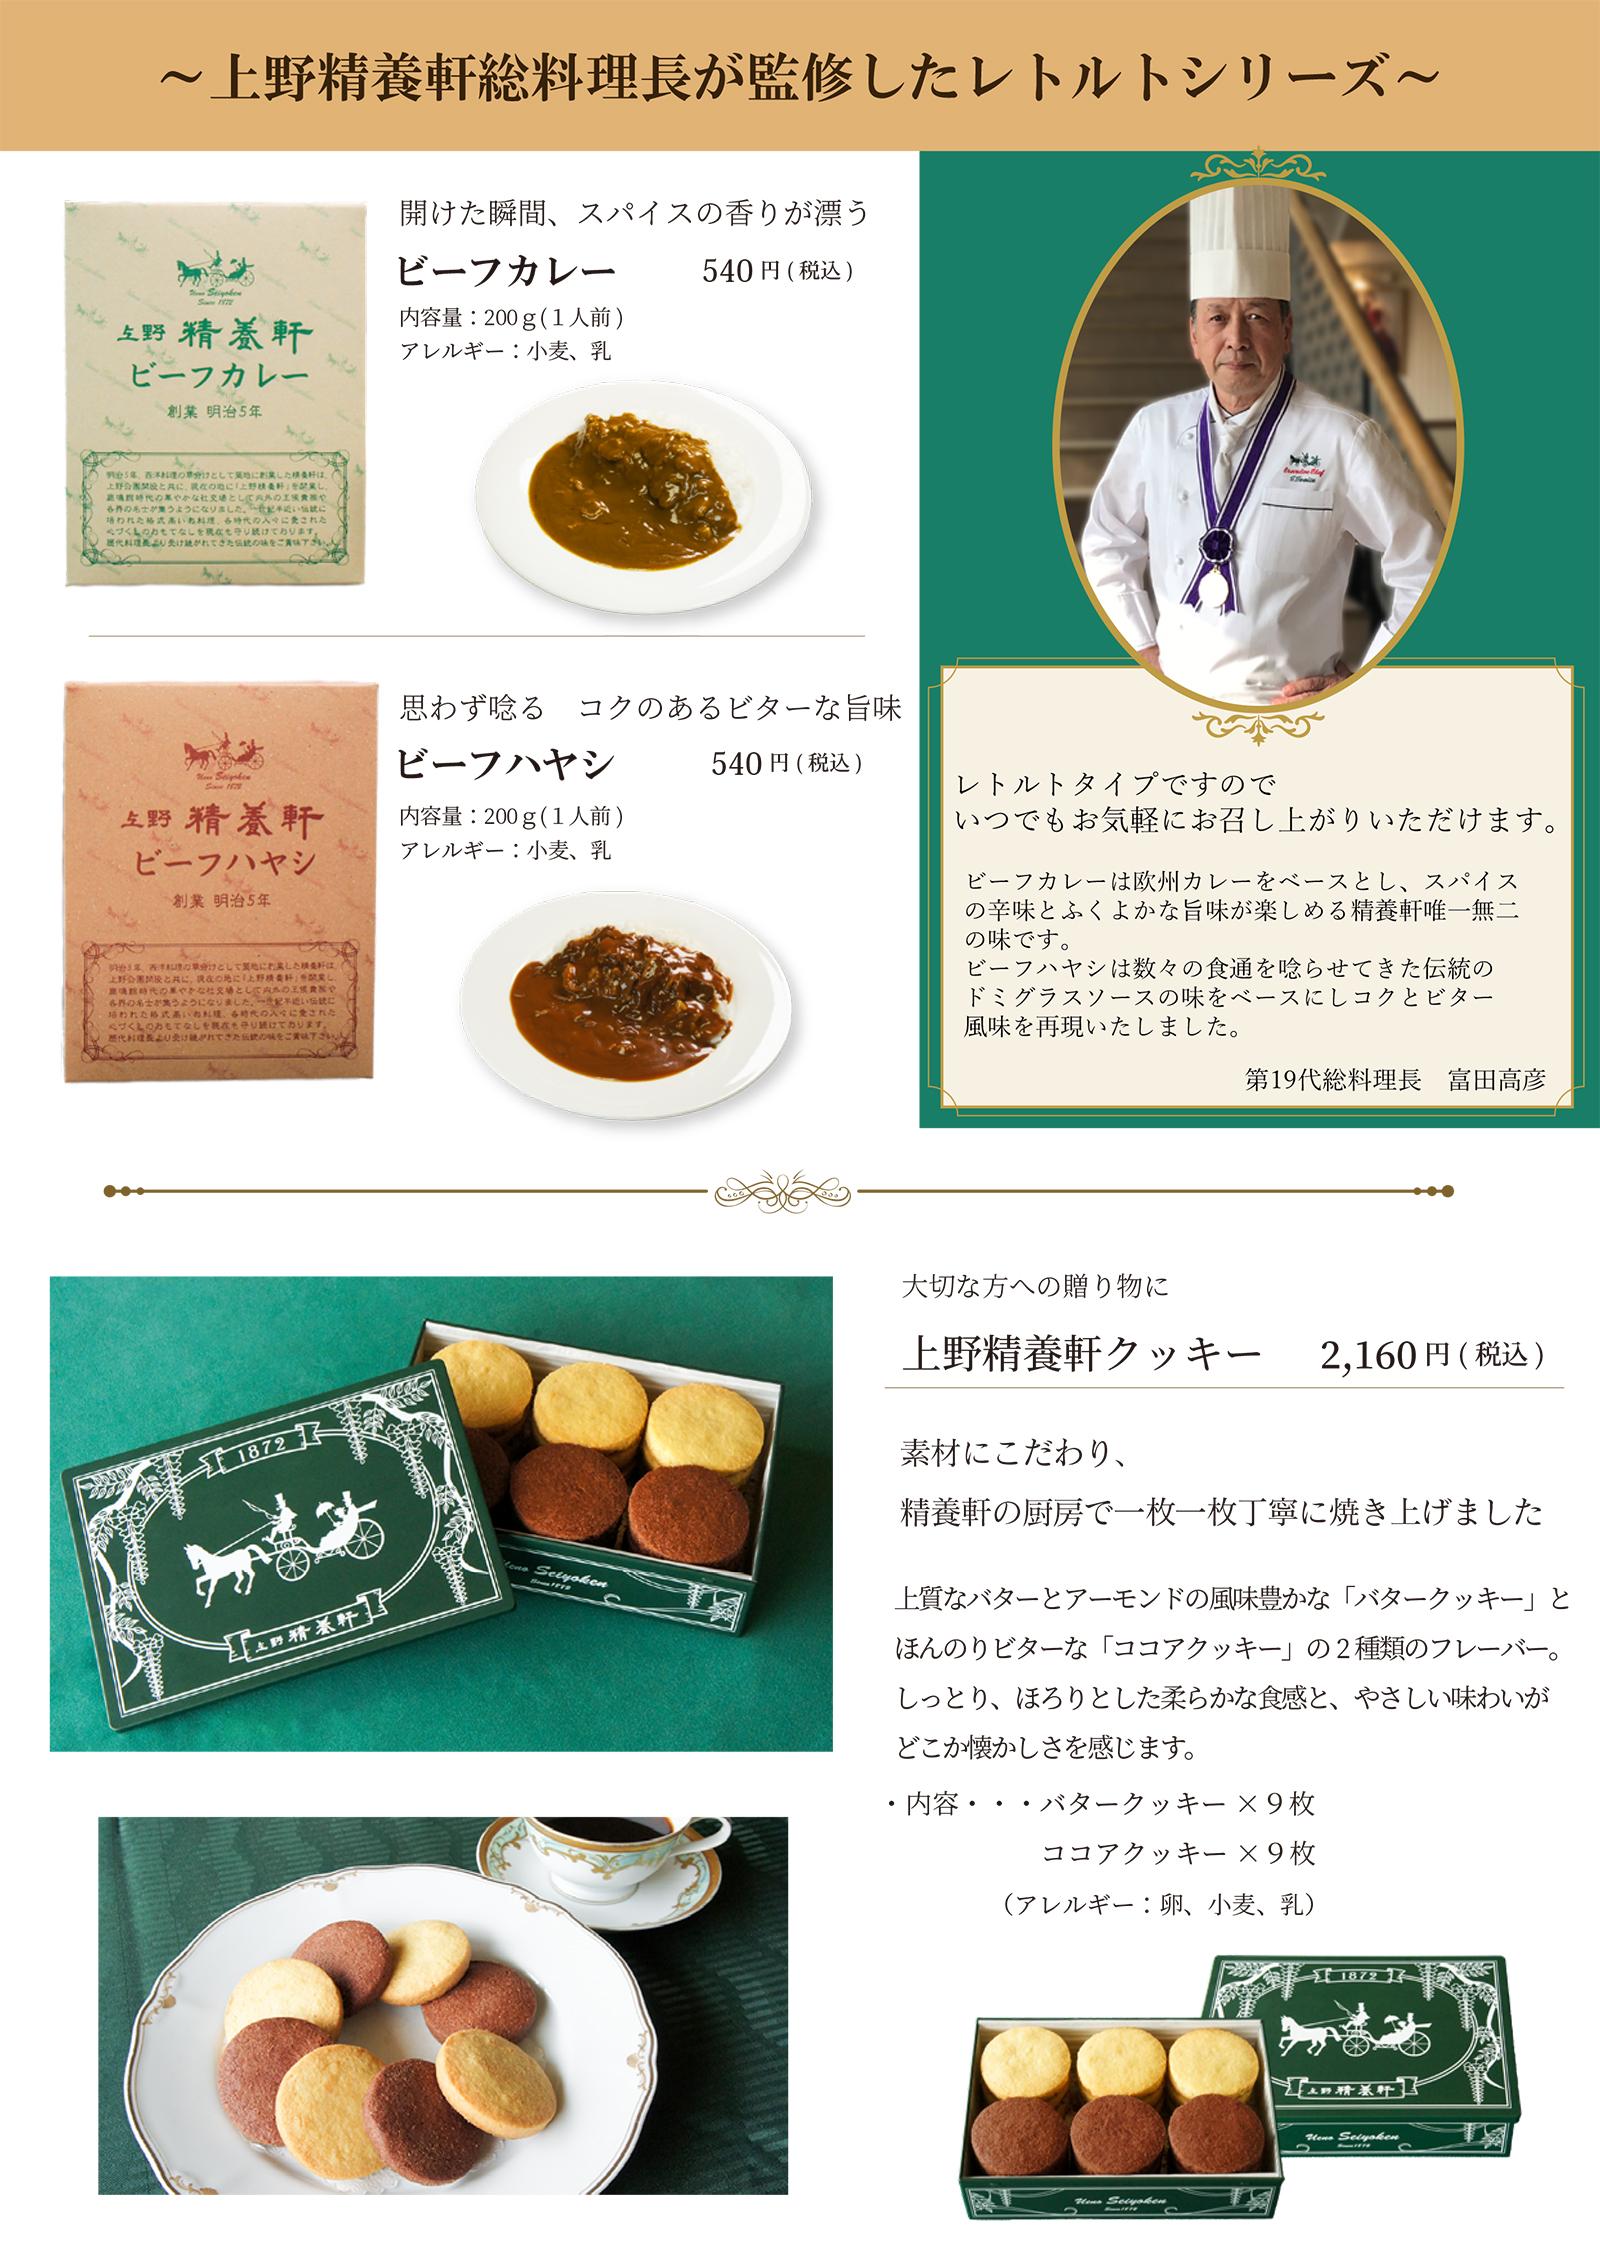 【レトルト】 カレー・ハヤシソースシリーズ